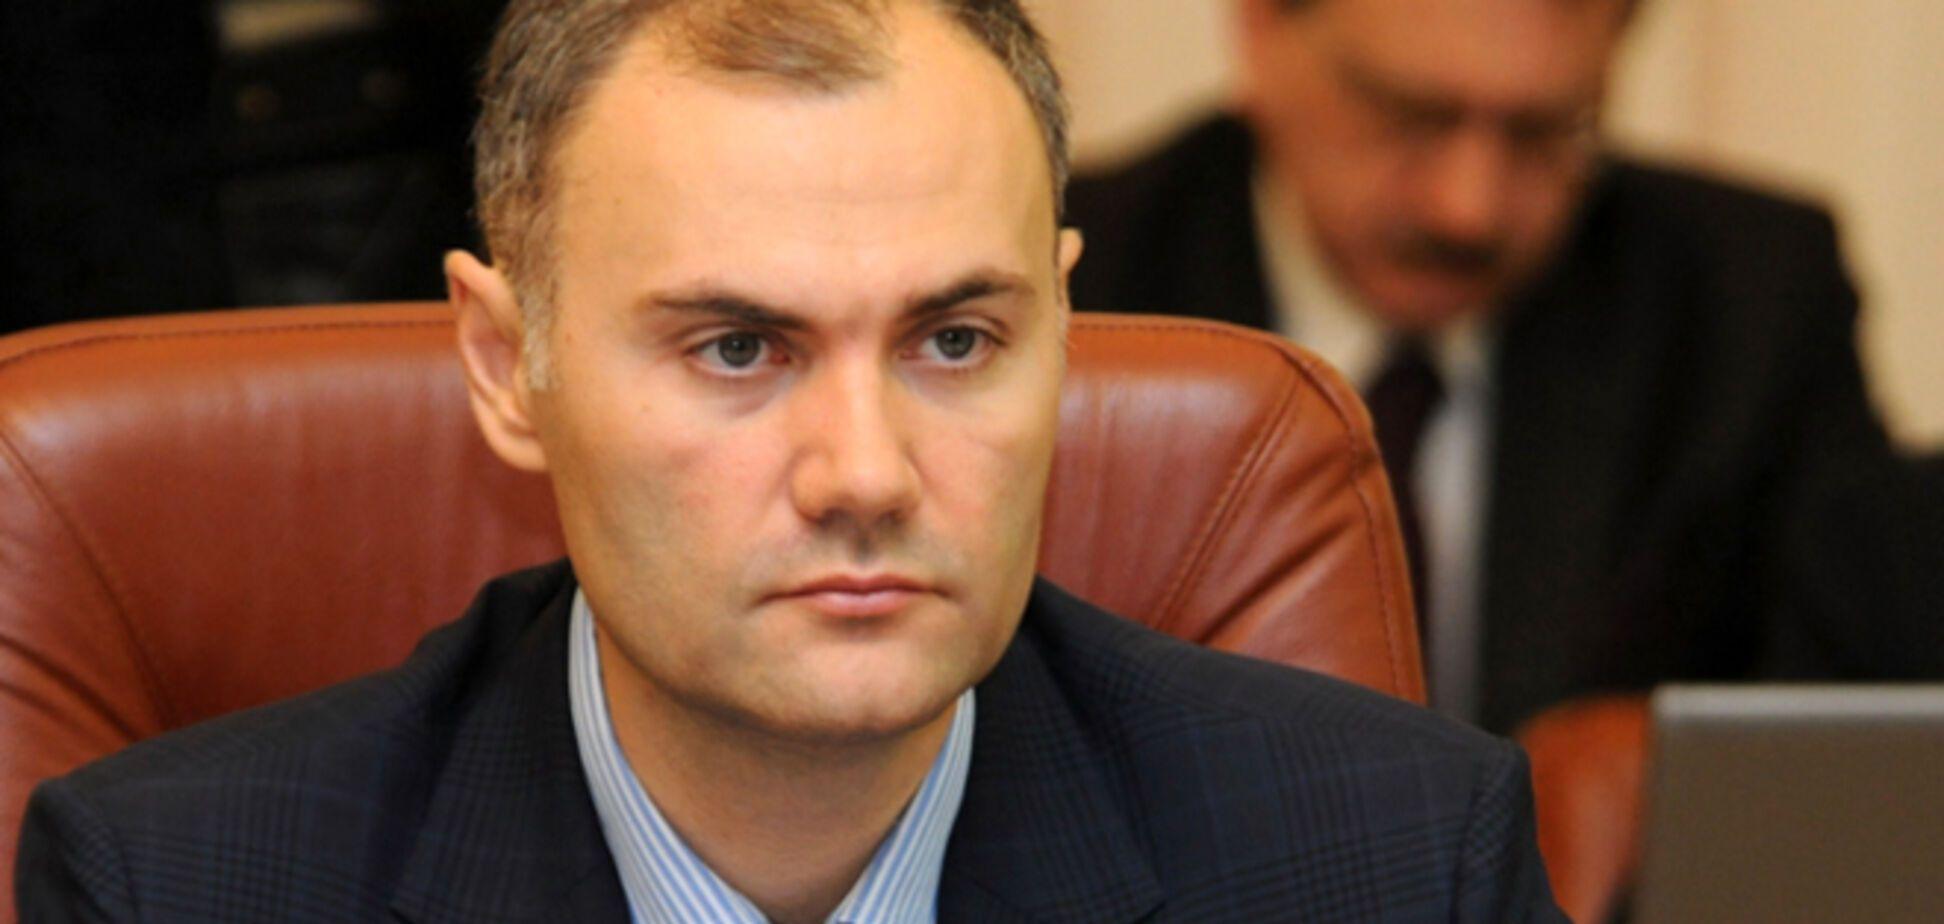 У Генпрокуратури з'явилися законні підстави для запиту до Росії про видачу Колобова